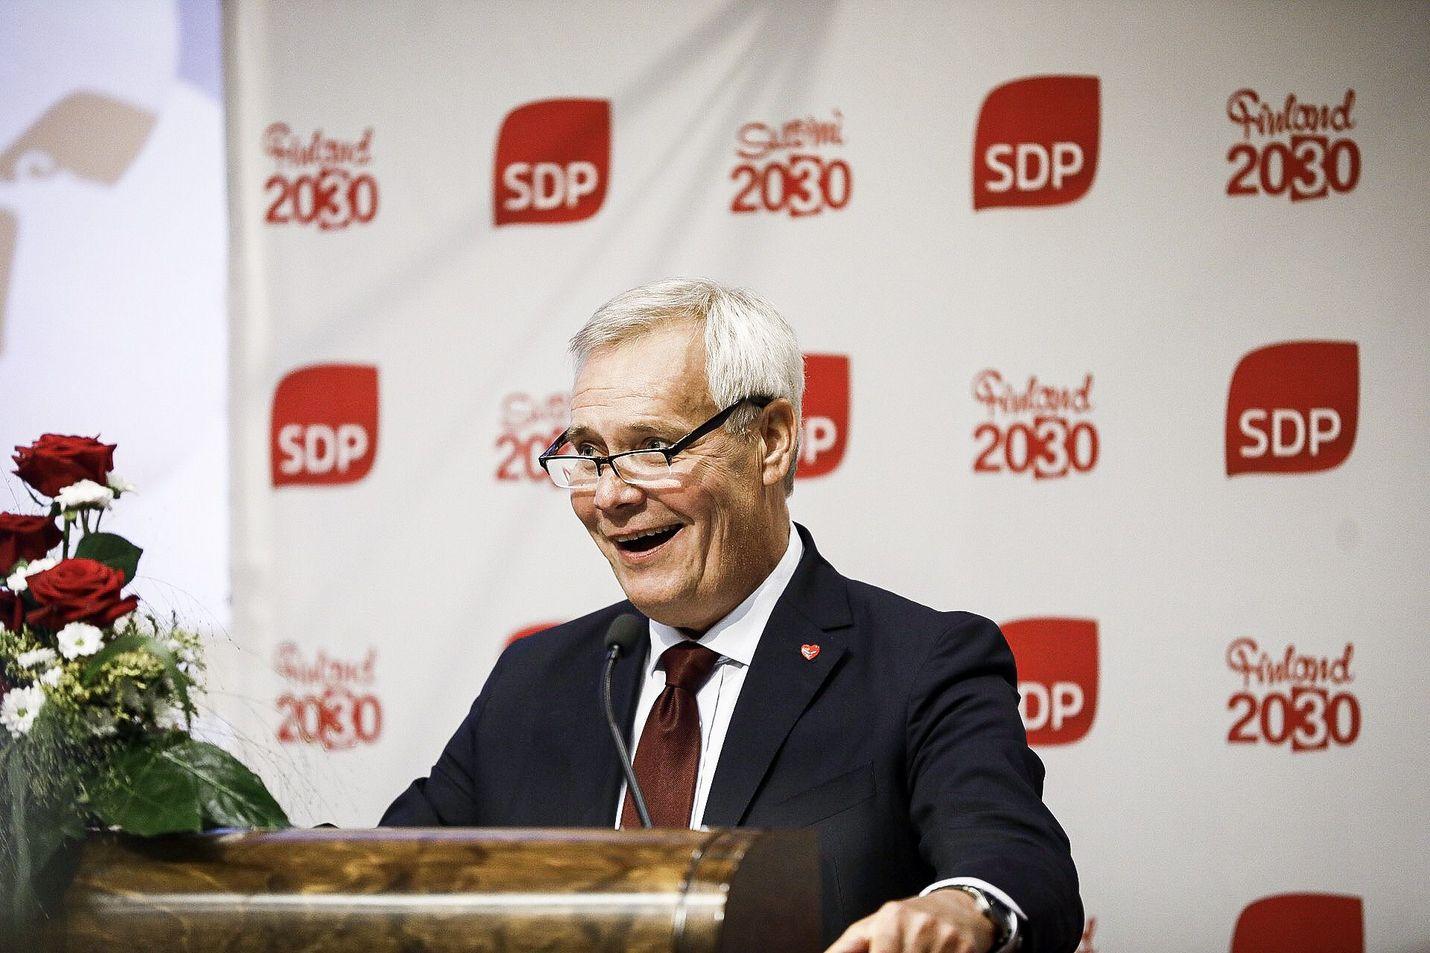 Pääministeri Antti Rinne puhui SDP:n puoluevaltuustossa Porissa lauantaina.